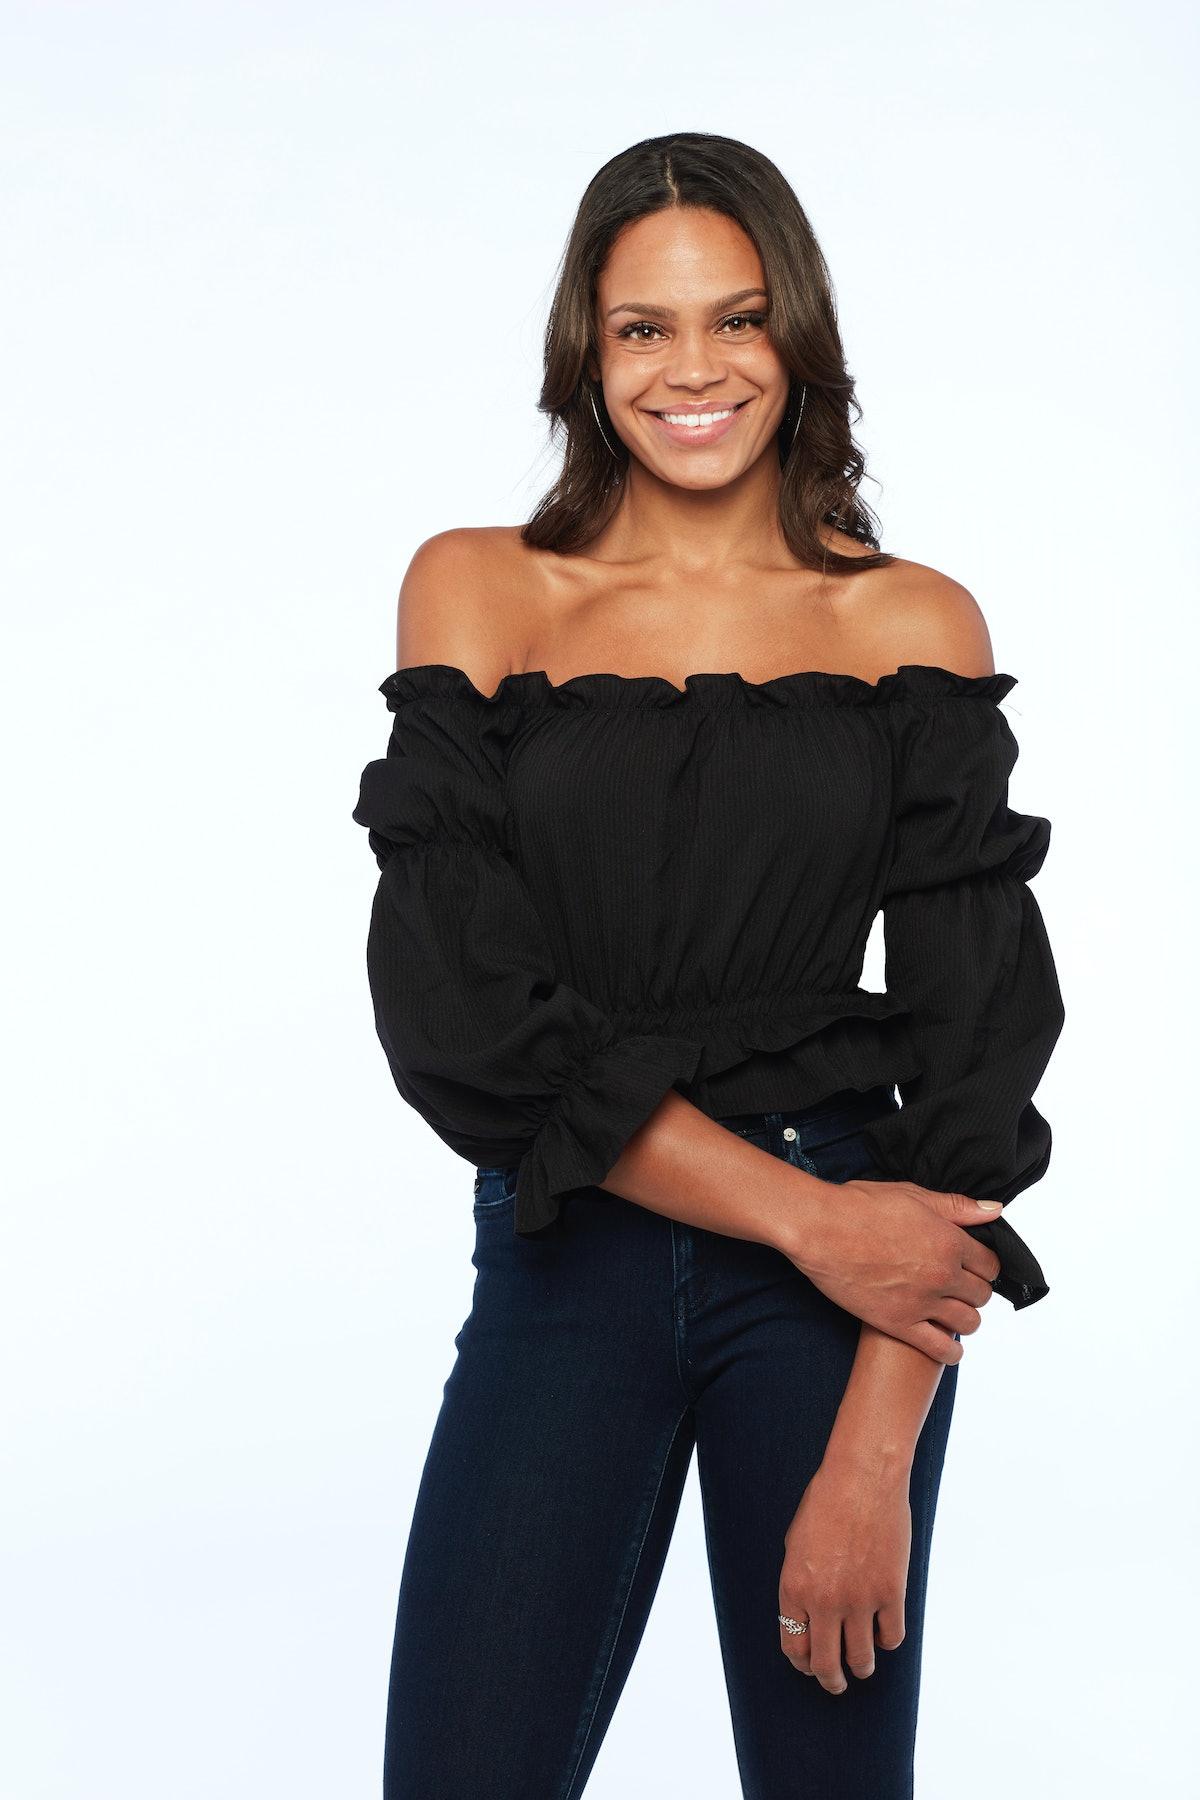 Michelle Young from Matt's 'Bachelor' Season